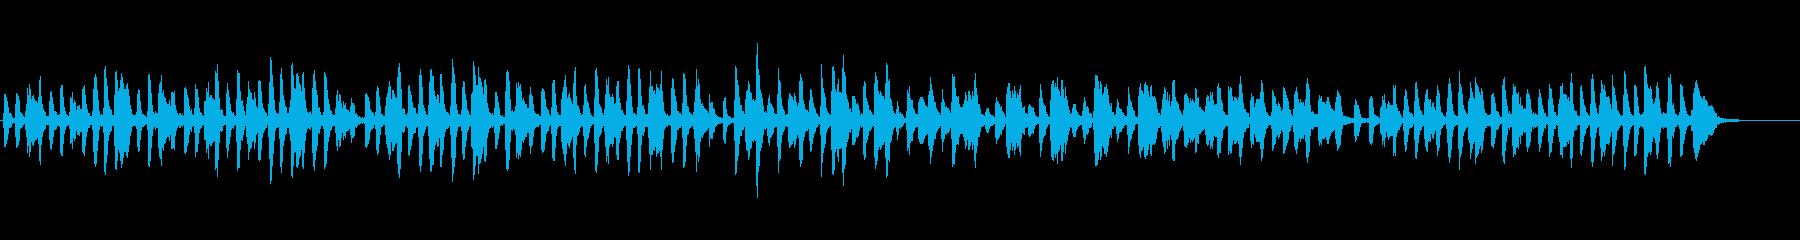 チャイコフスキーのポルカの再生済みの波形